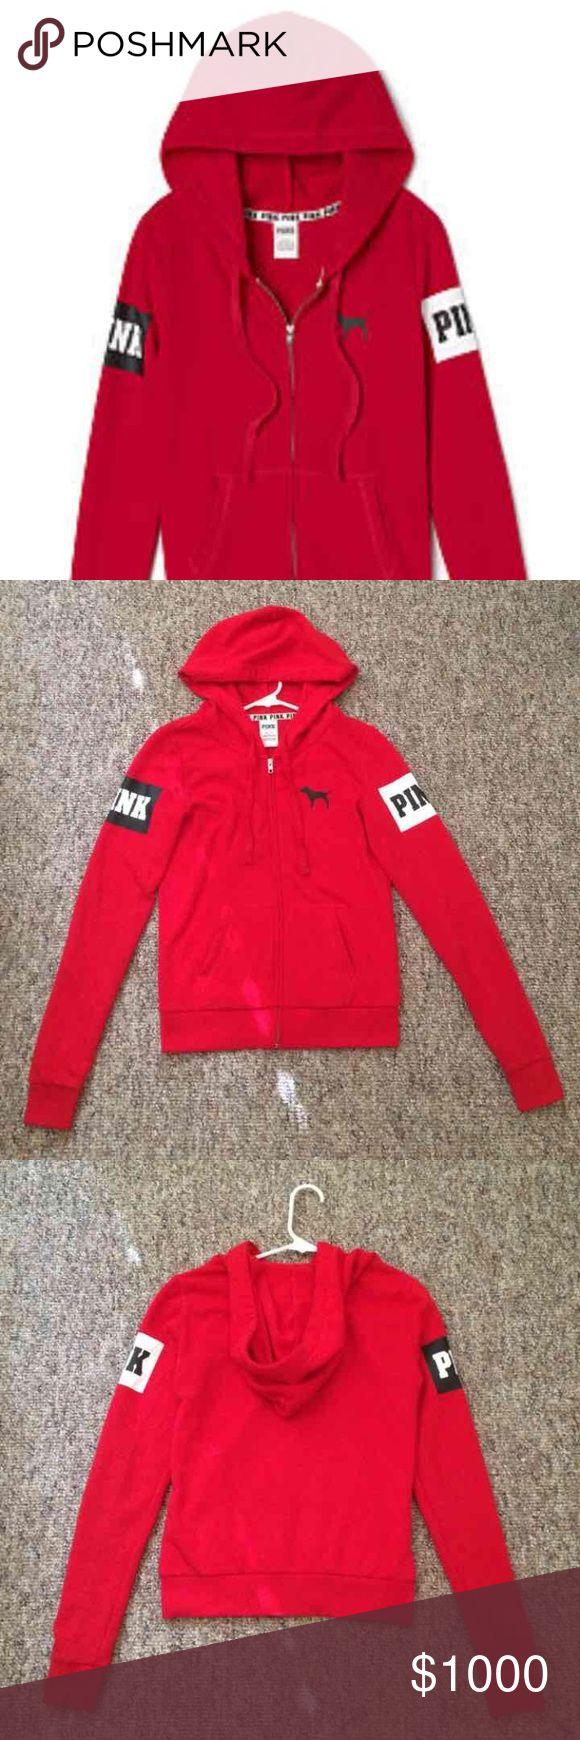 ISO Victoria's Secret Pink red zip up hoodie M In search of this red Victoria's Secret Pink zip up hoodie size medium! Not for sale! PINK Victoria's Secret Tops Sweatshirts & Hoodies